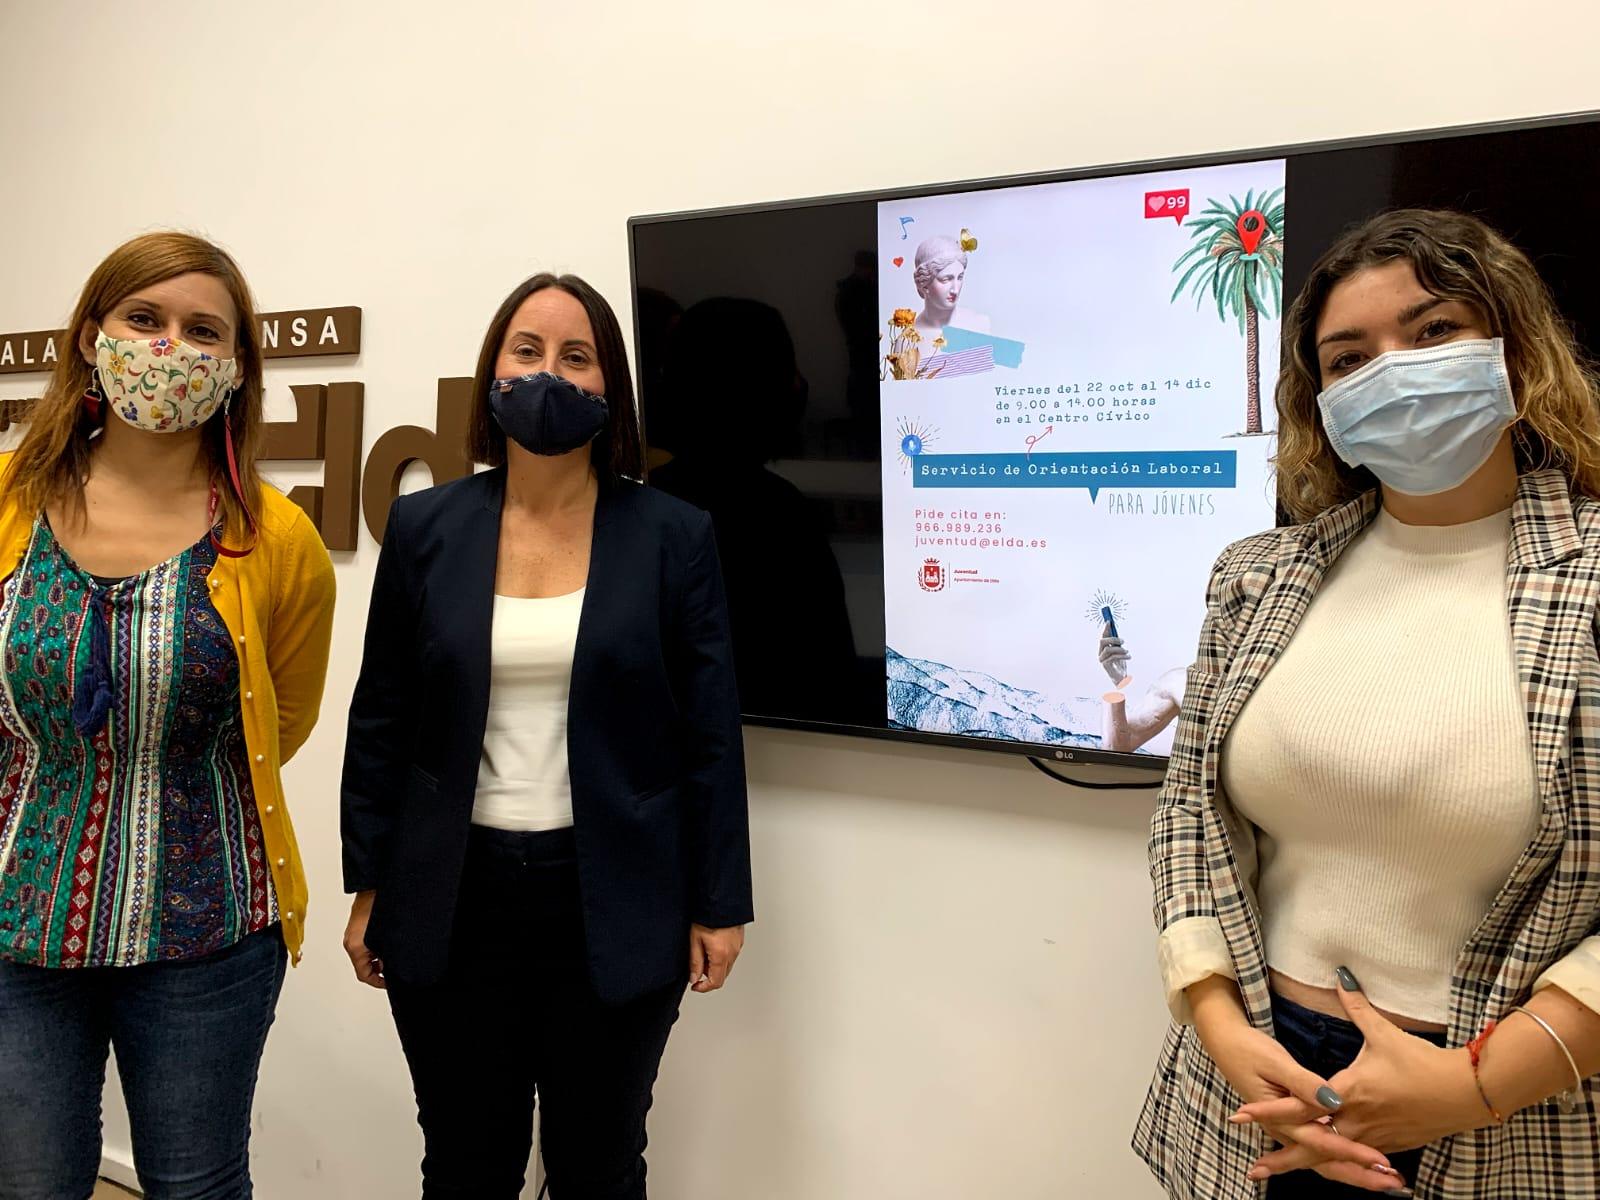 El Ayuntamiento de Elda organiza un servicio de orientación laboral orientado a jóvenes